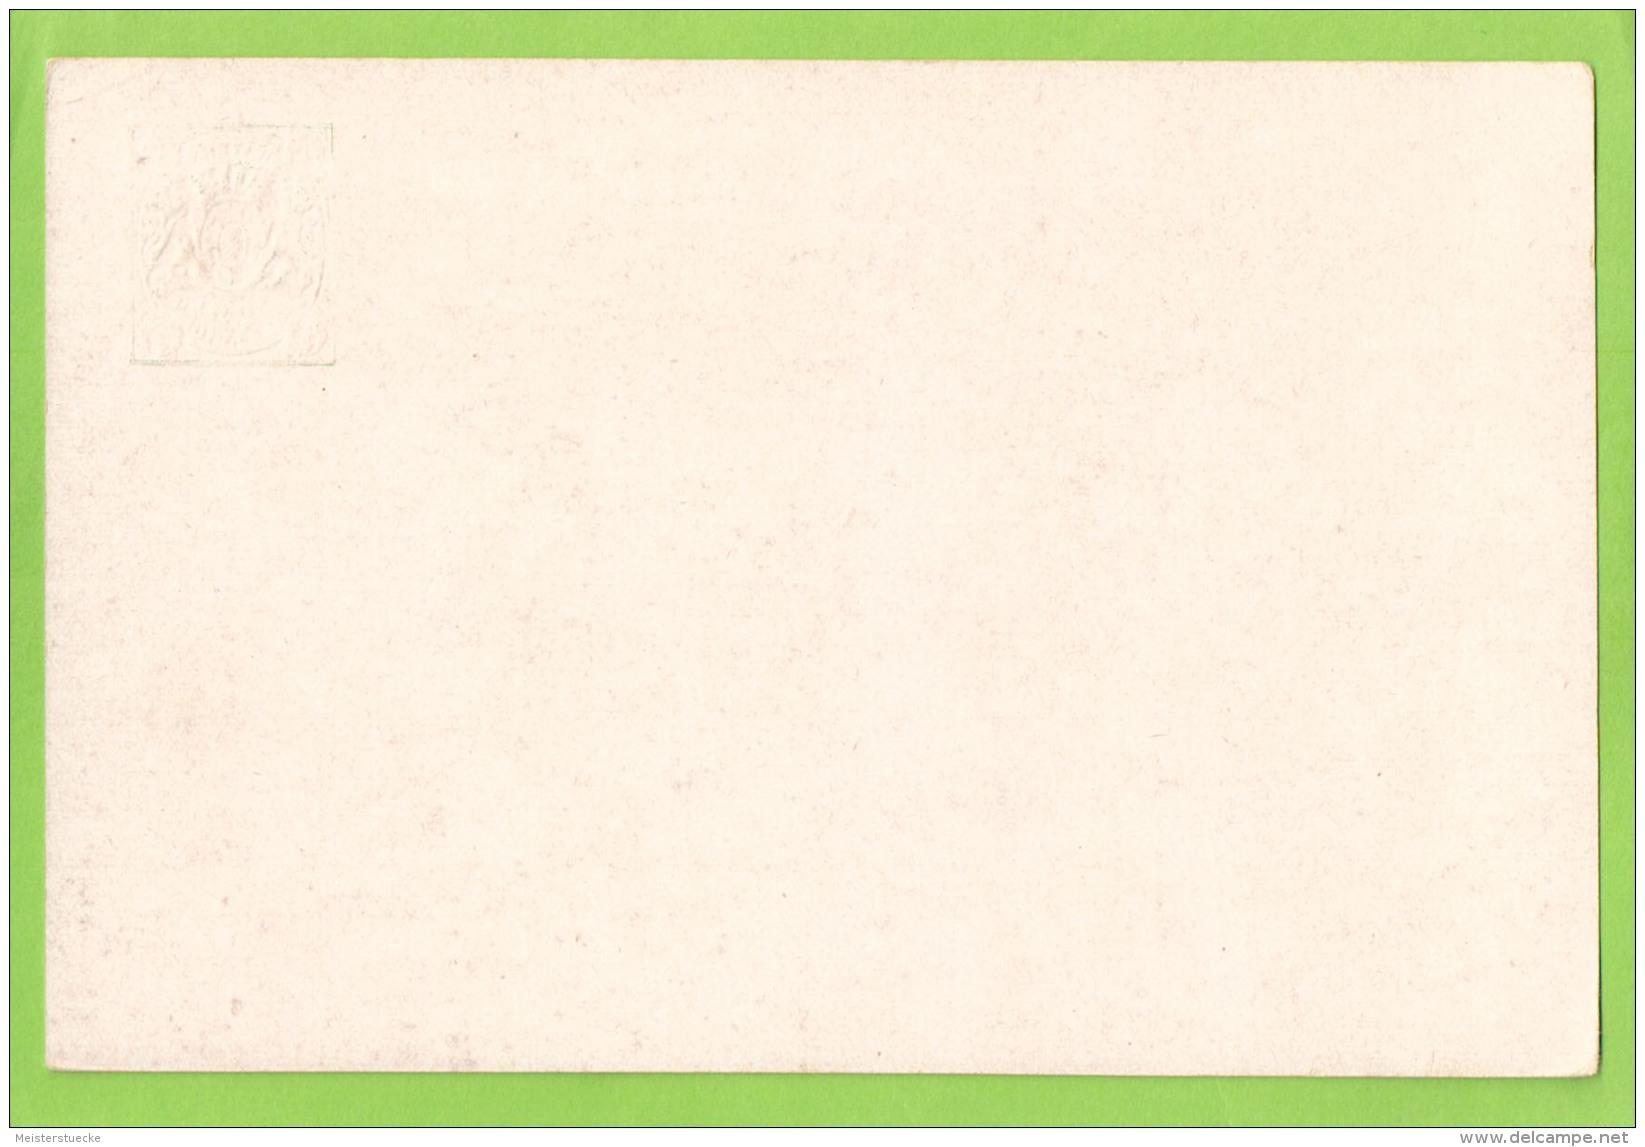 Bayern - Privatganzsache/Postkarte PP 15 C 126 - Centenar-Feier Königreich Bayern 1806-1906 - Ungebraucht - Entiers Postaux